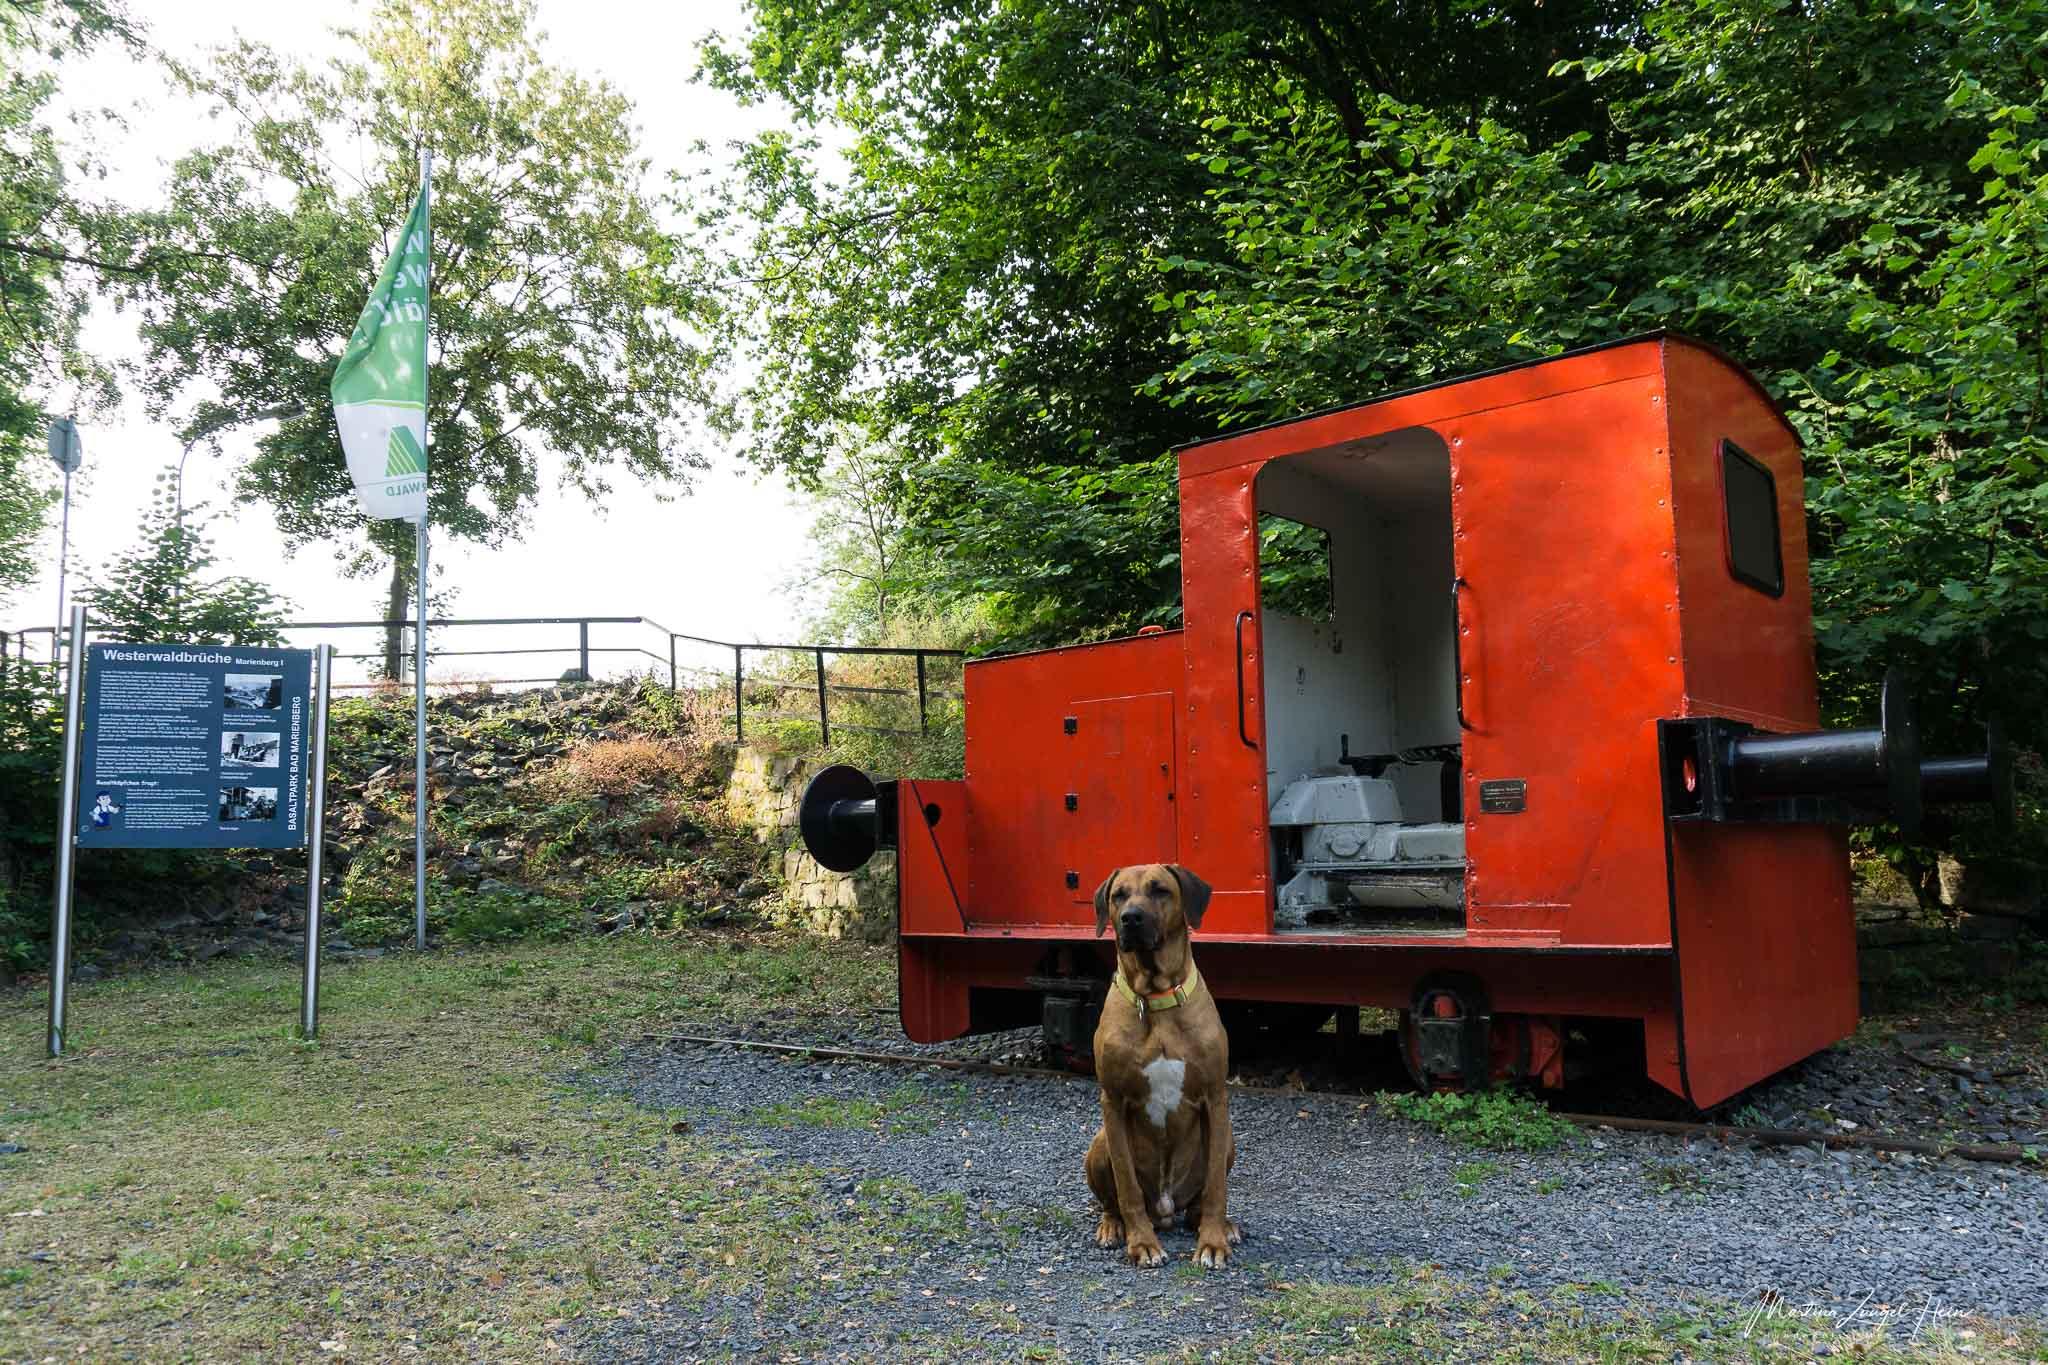 Der Basaltpark in Bad Marienpark entführt die Geschichte des Basaltabbaus im Westerwald